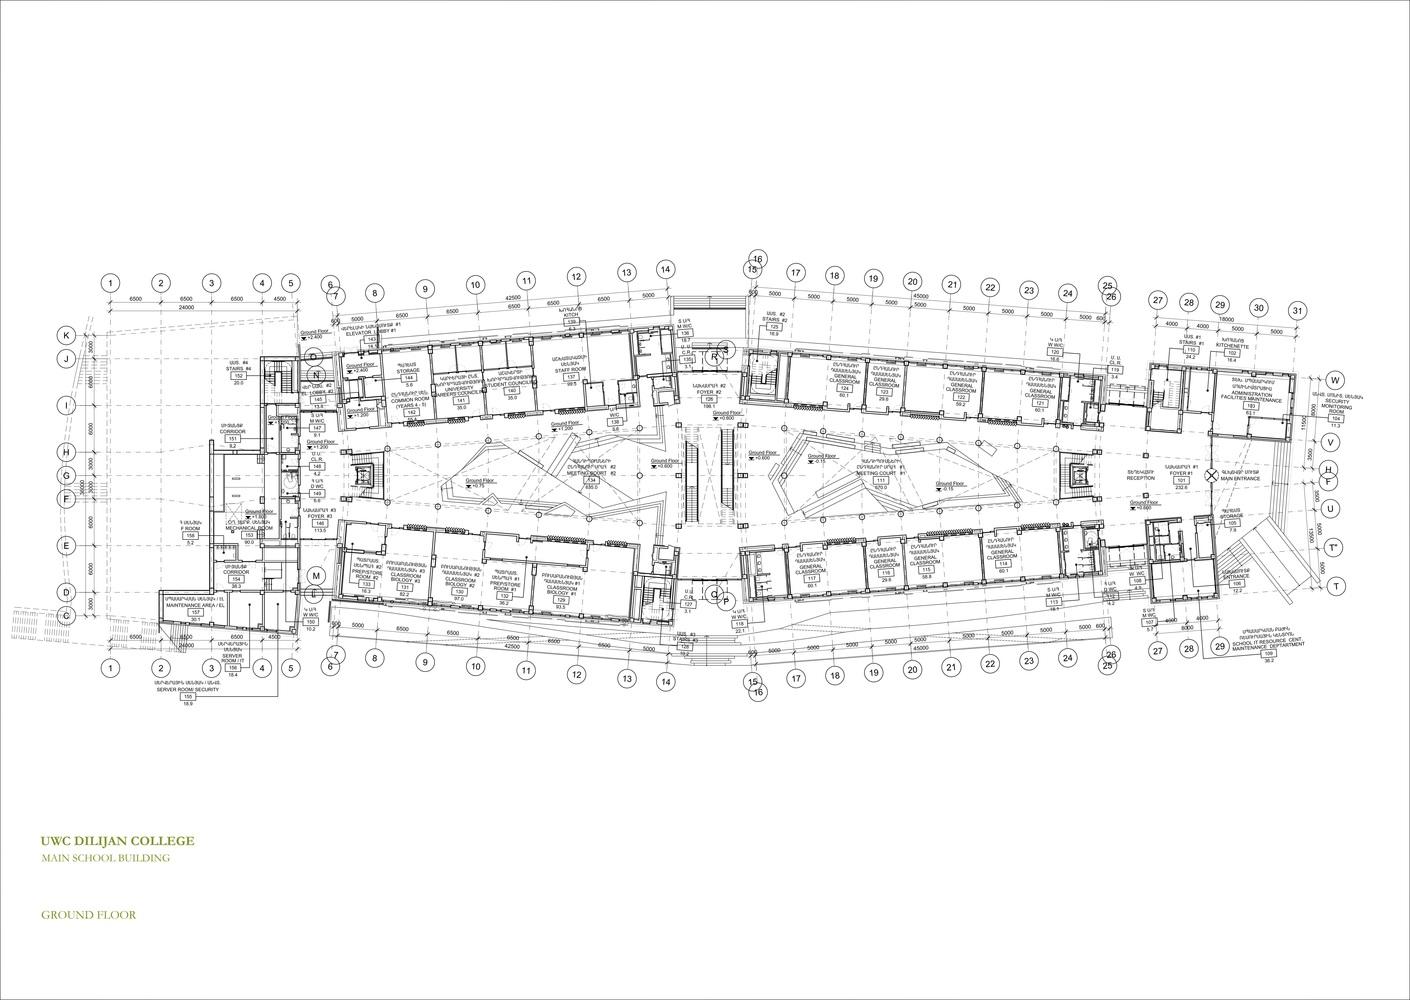 uwc dilijan college ground floor plan [ 1410 x 1000 Pixel ]